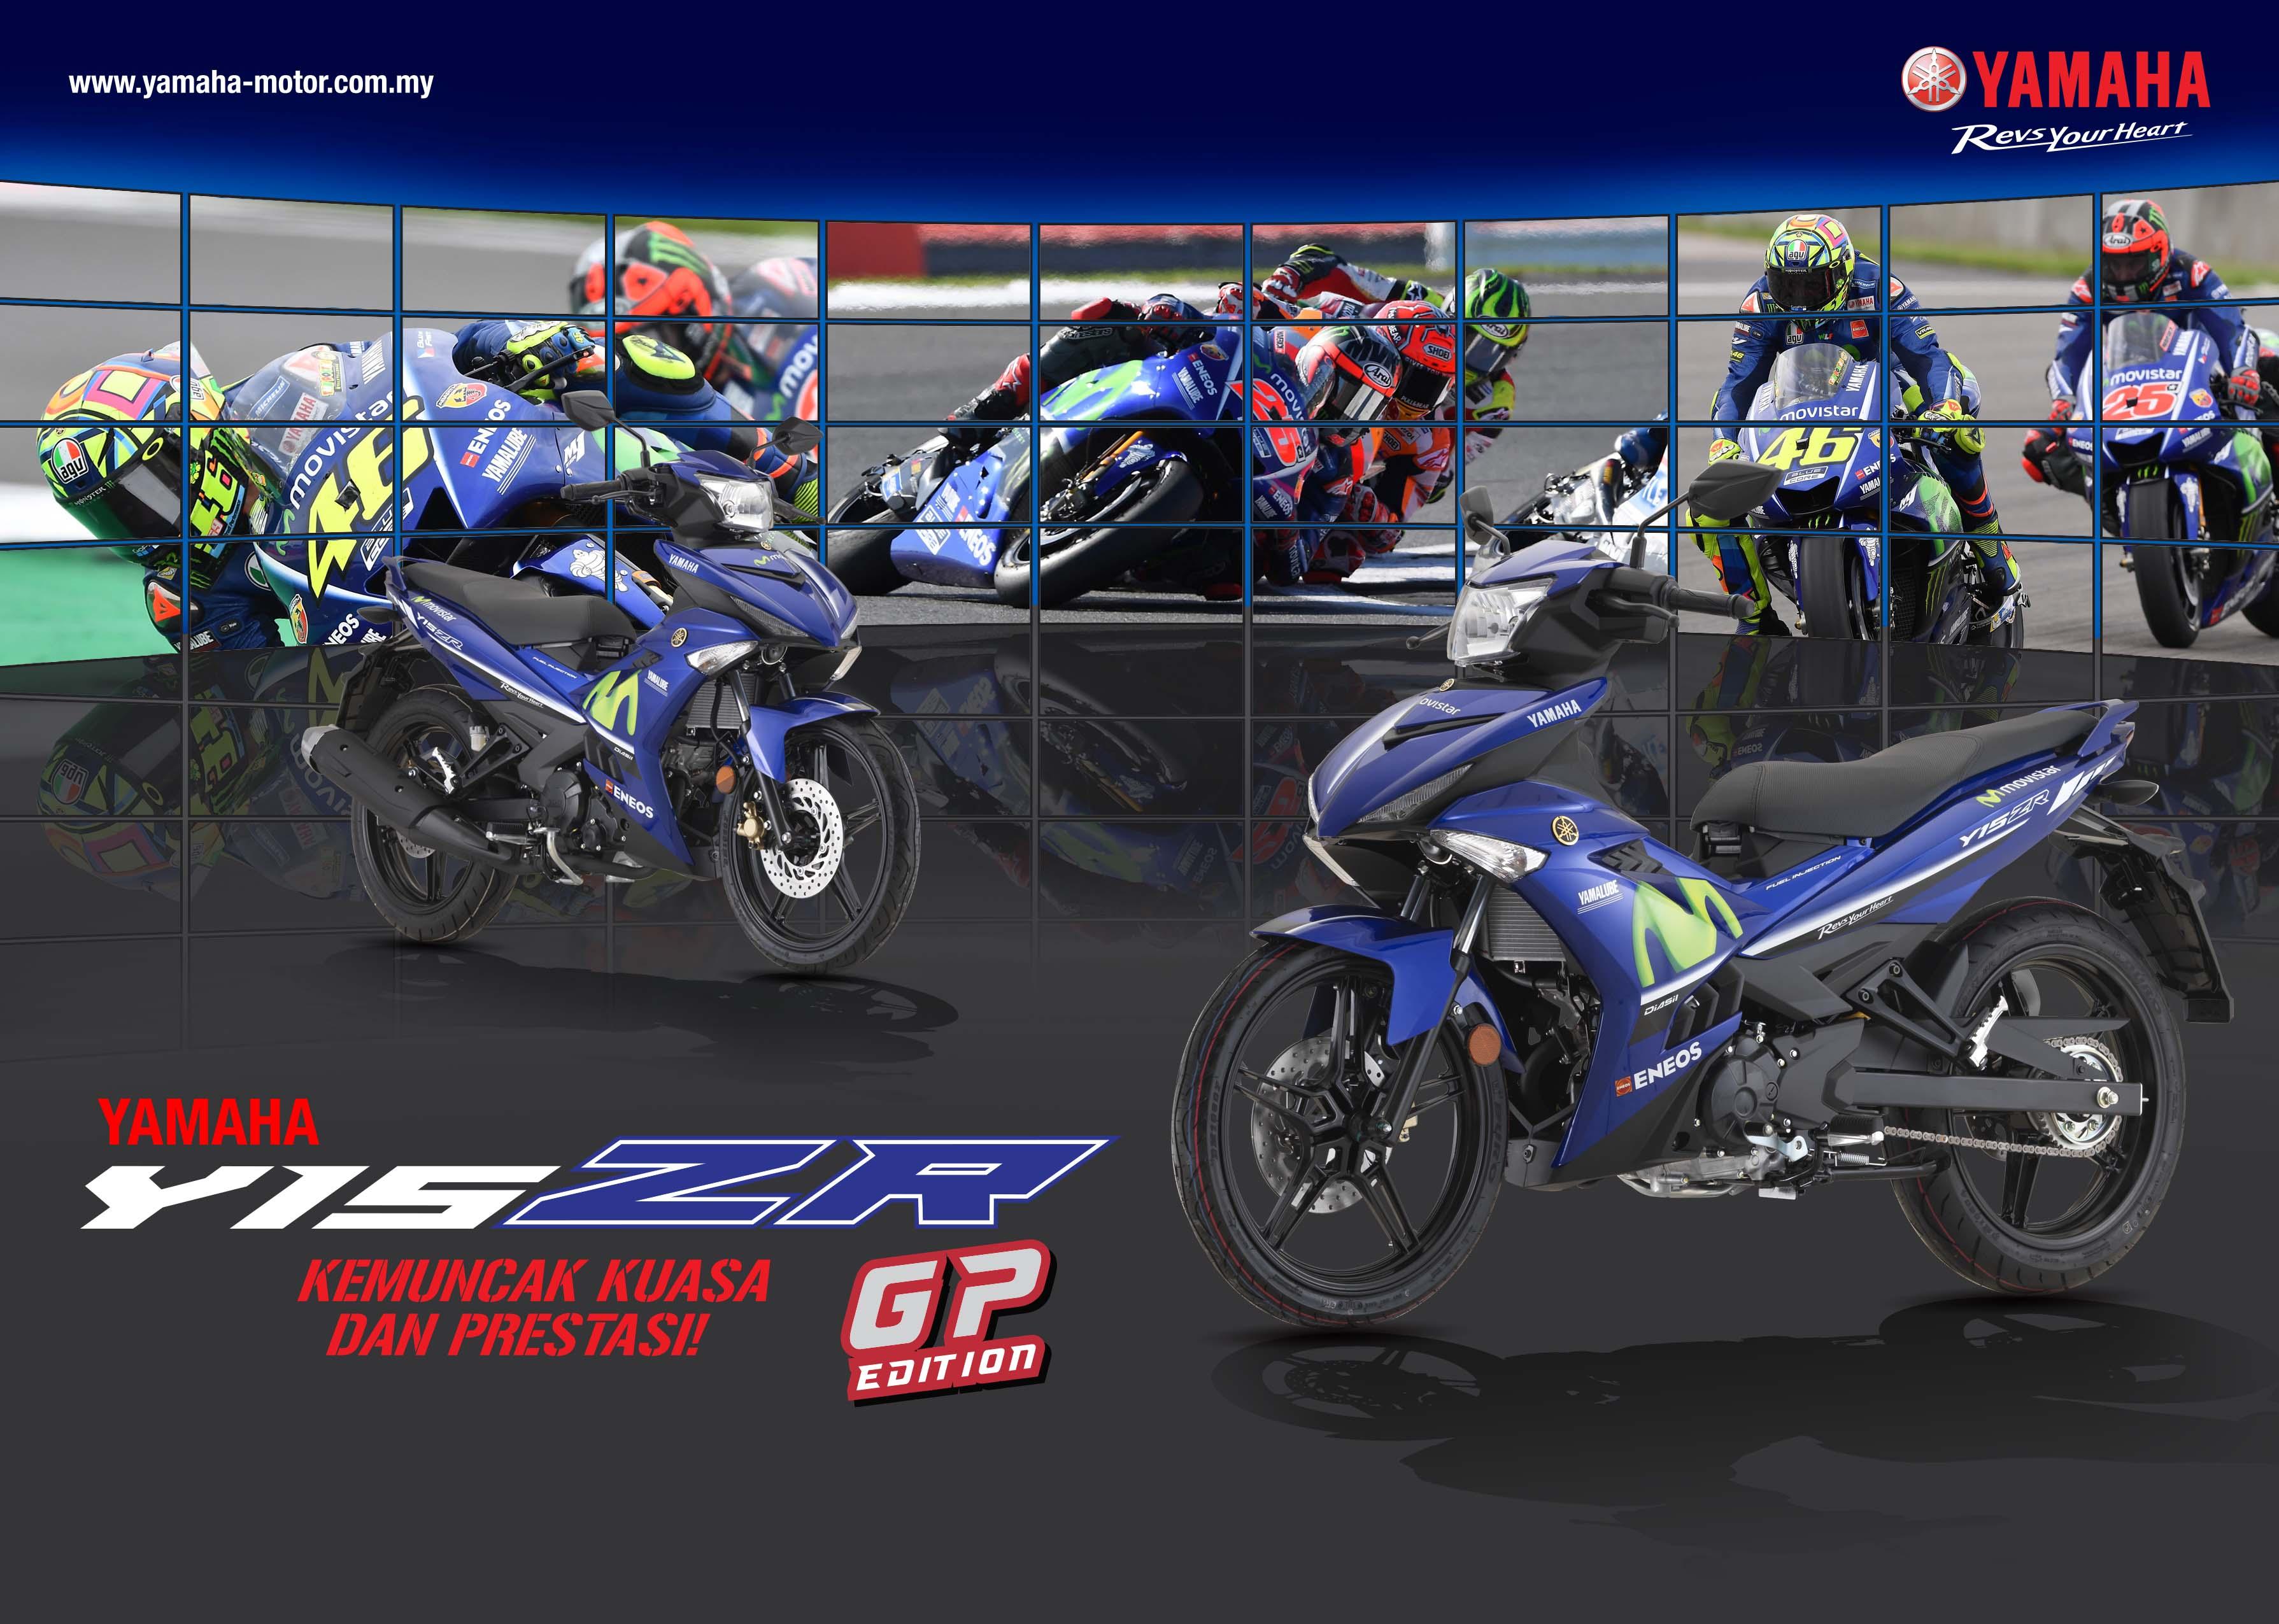 Kết quả hình ảnh cho Y15ZR SE GP Edition